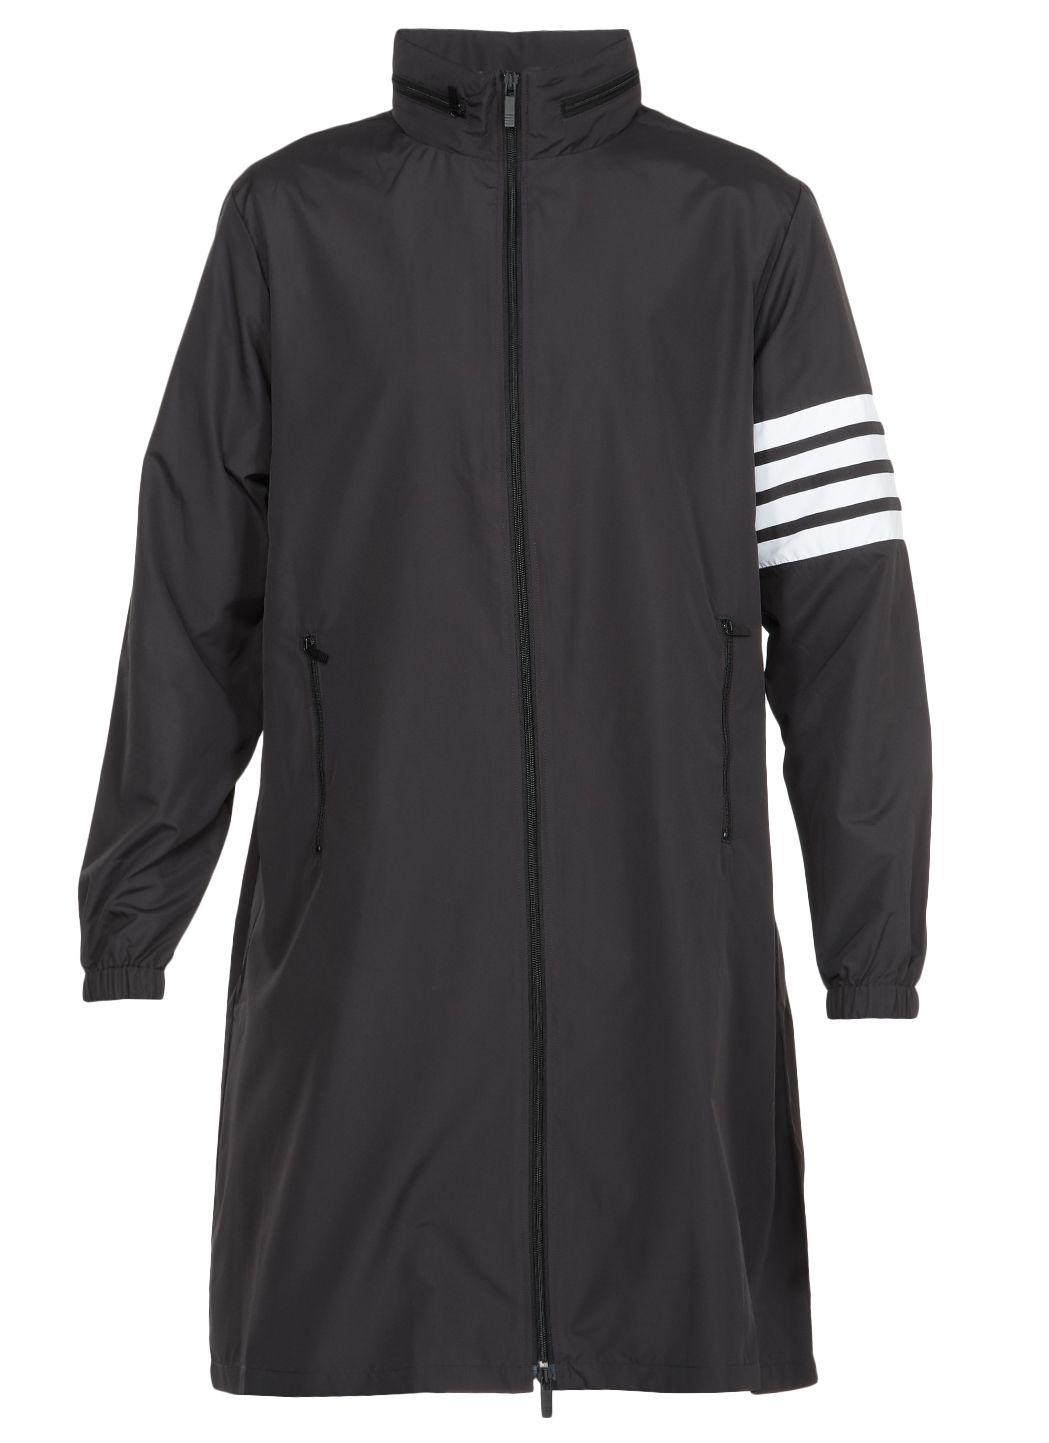 Hidden hoodie zip up parka in flyweight tech